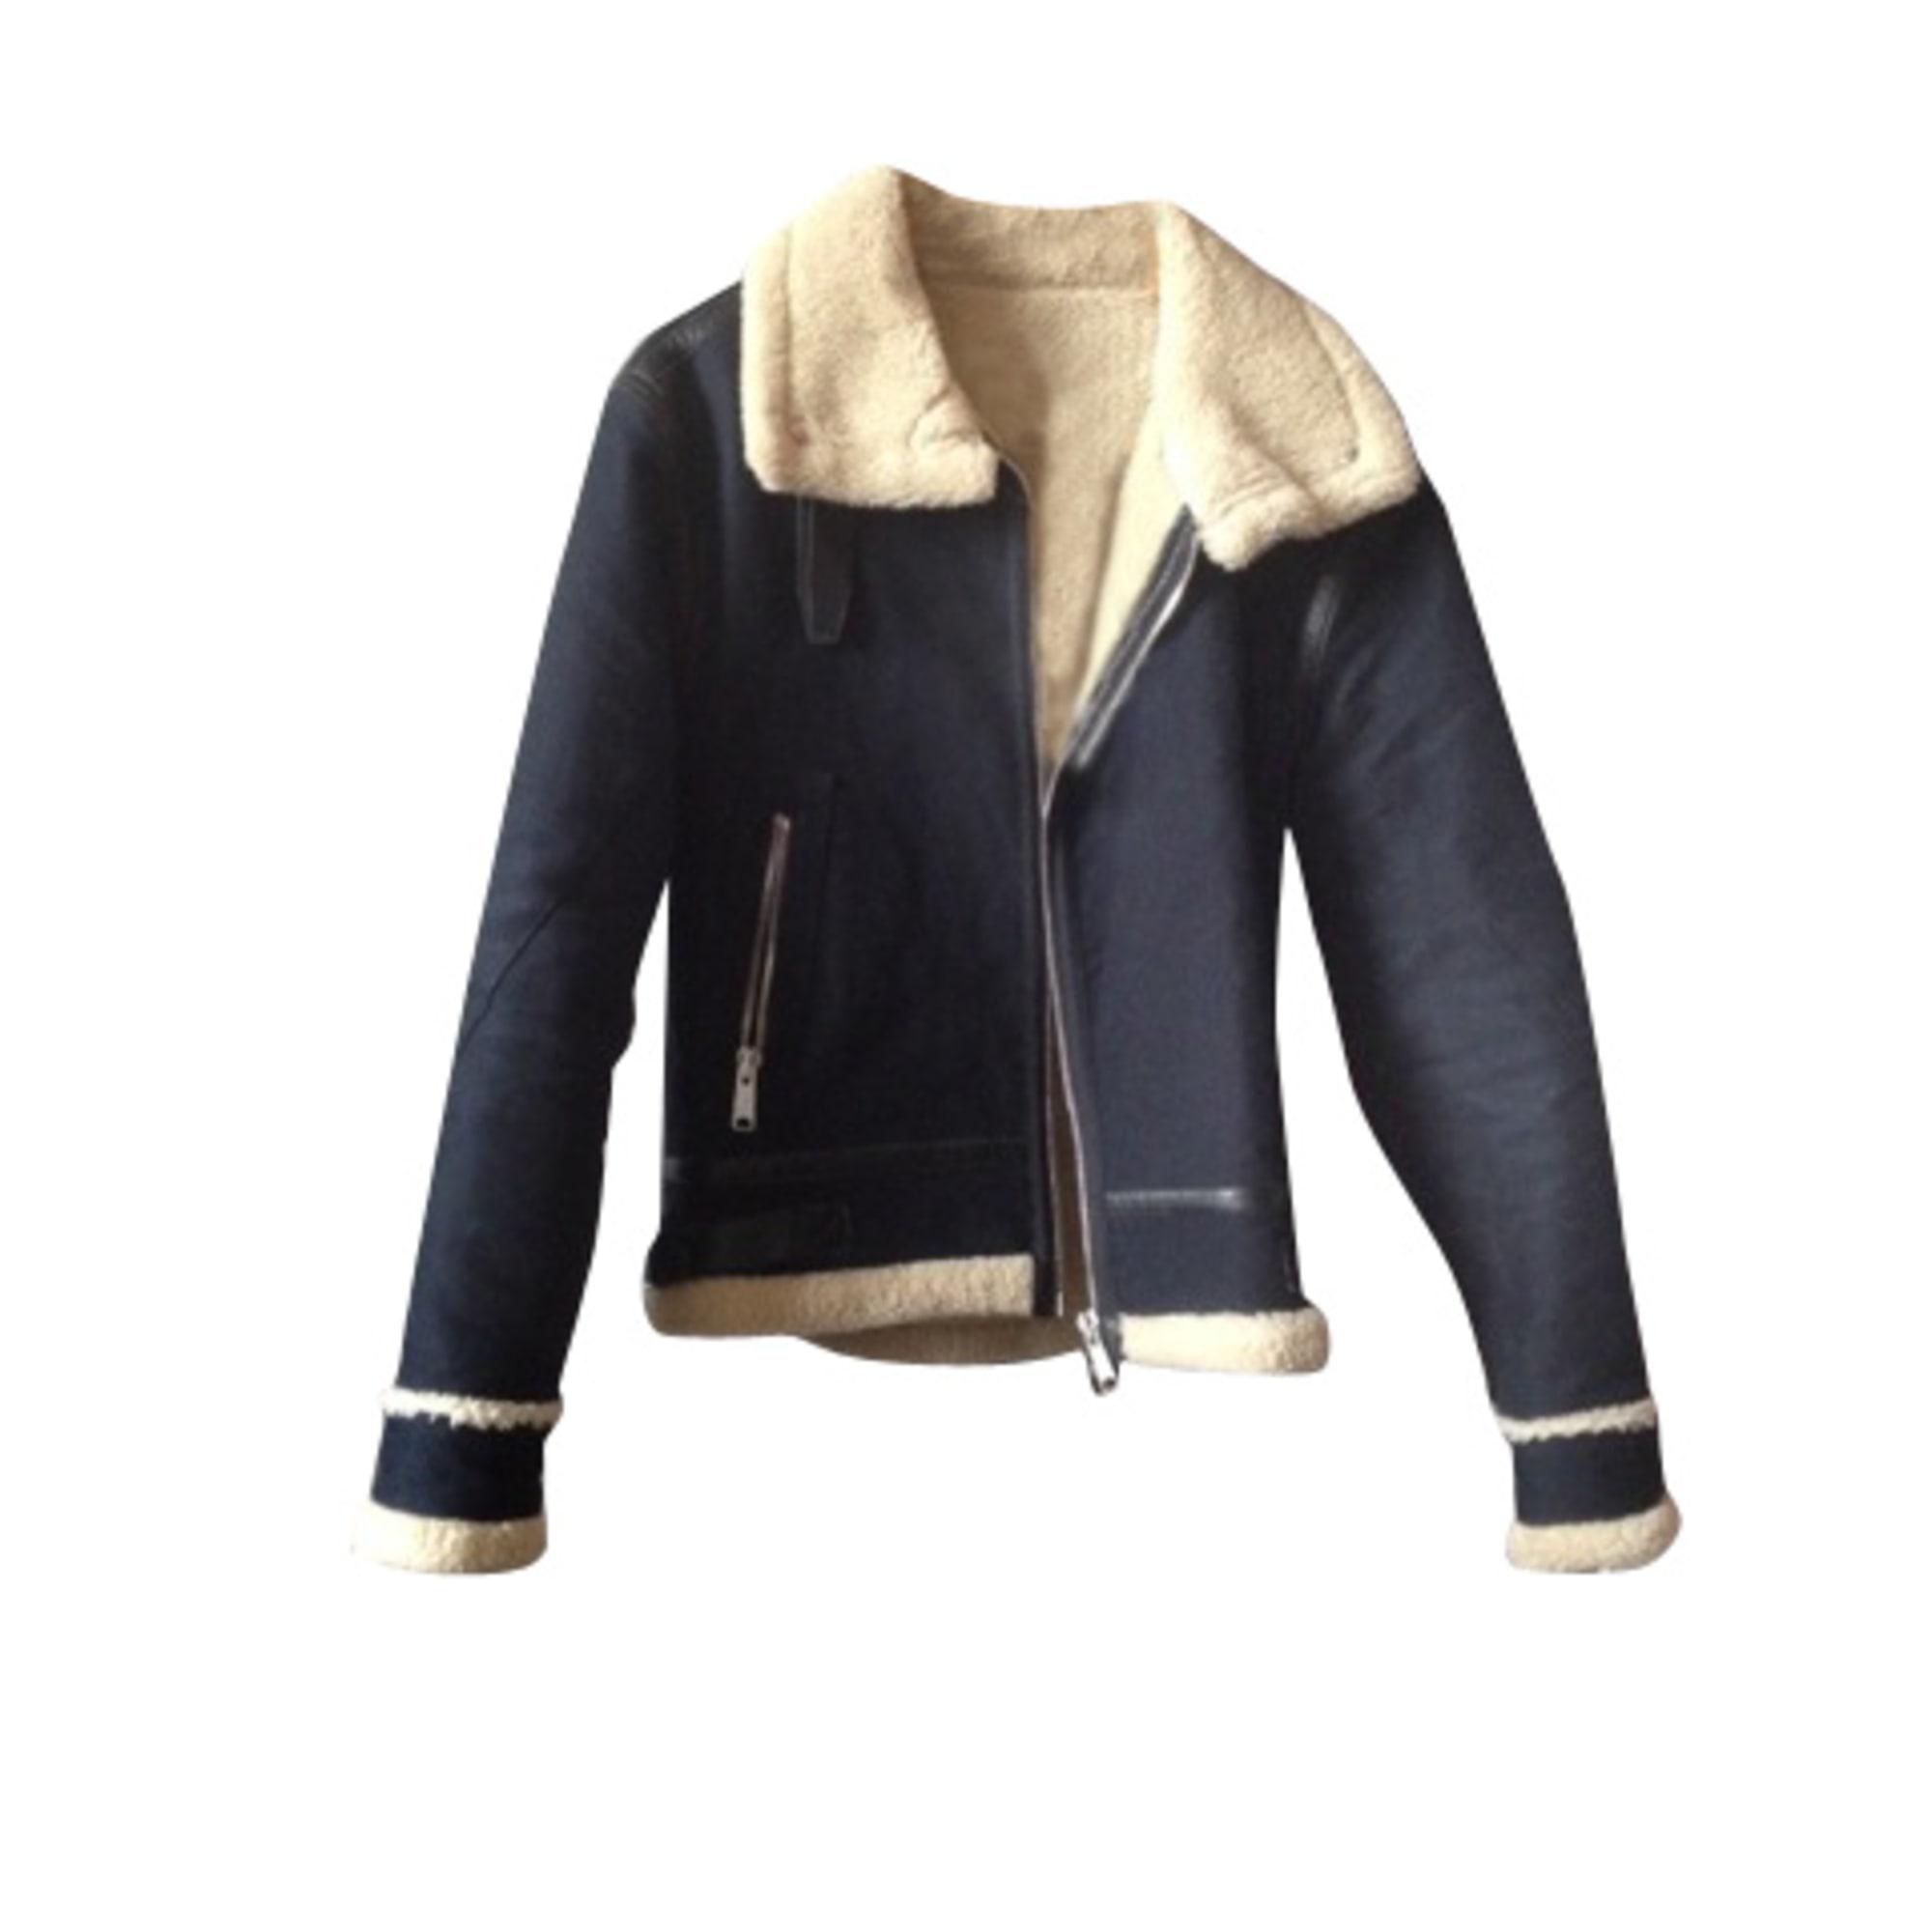 Manteaux et vestes Sandro pour homme | eBay